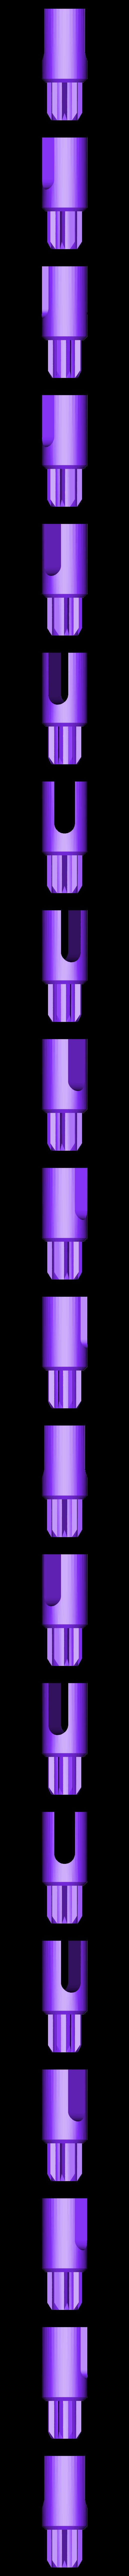 HOLDER.STL Télécharger fichier STL gratuit YASH Oui Un autre détenteur de bobine • Design pour imprimante 3D, daGHIZmo